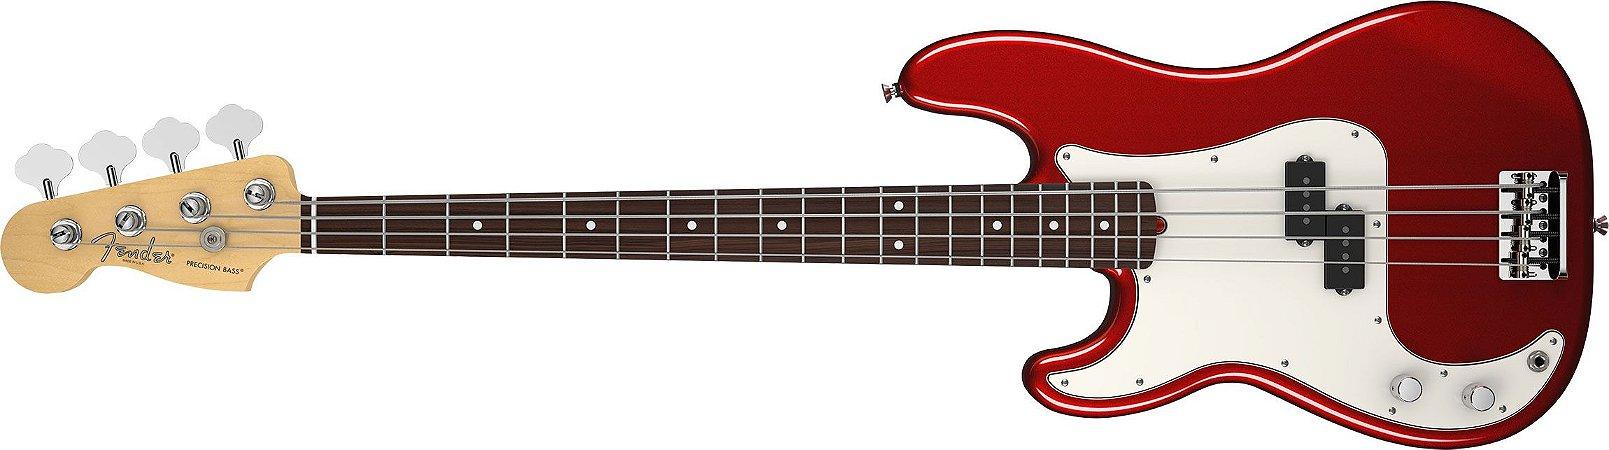 Contrabaixo para Canhotos FENDER 019 3620 - Am Standard Precision Bass LH RW - 794 - Mystic Red